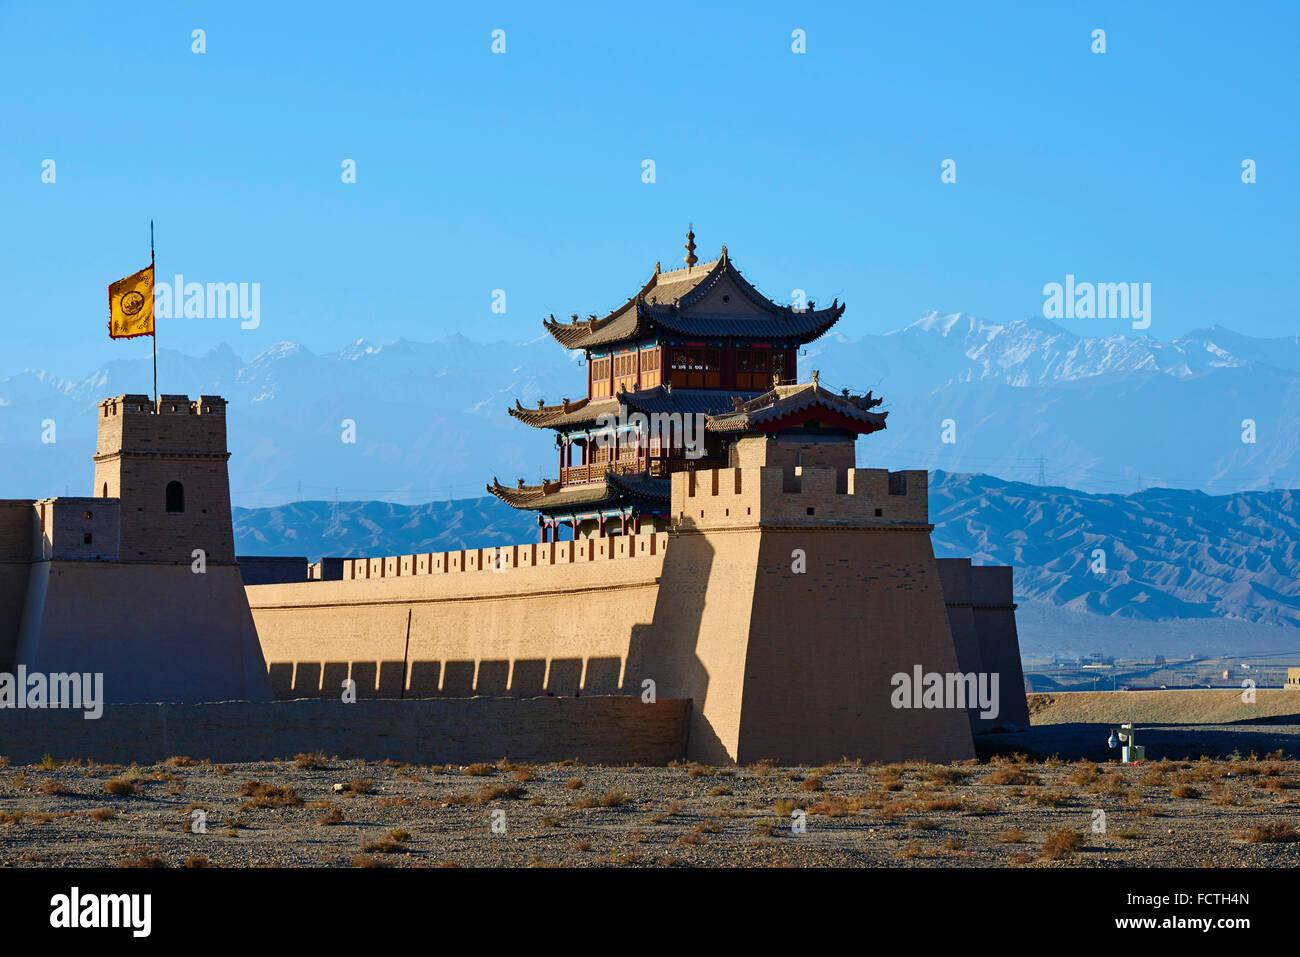 La Chine, la province de Gansu, Jiayuguan, la forteresse à l'extrémité ouest de la Grande Muraille, Photo Stock